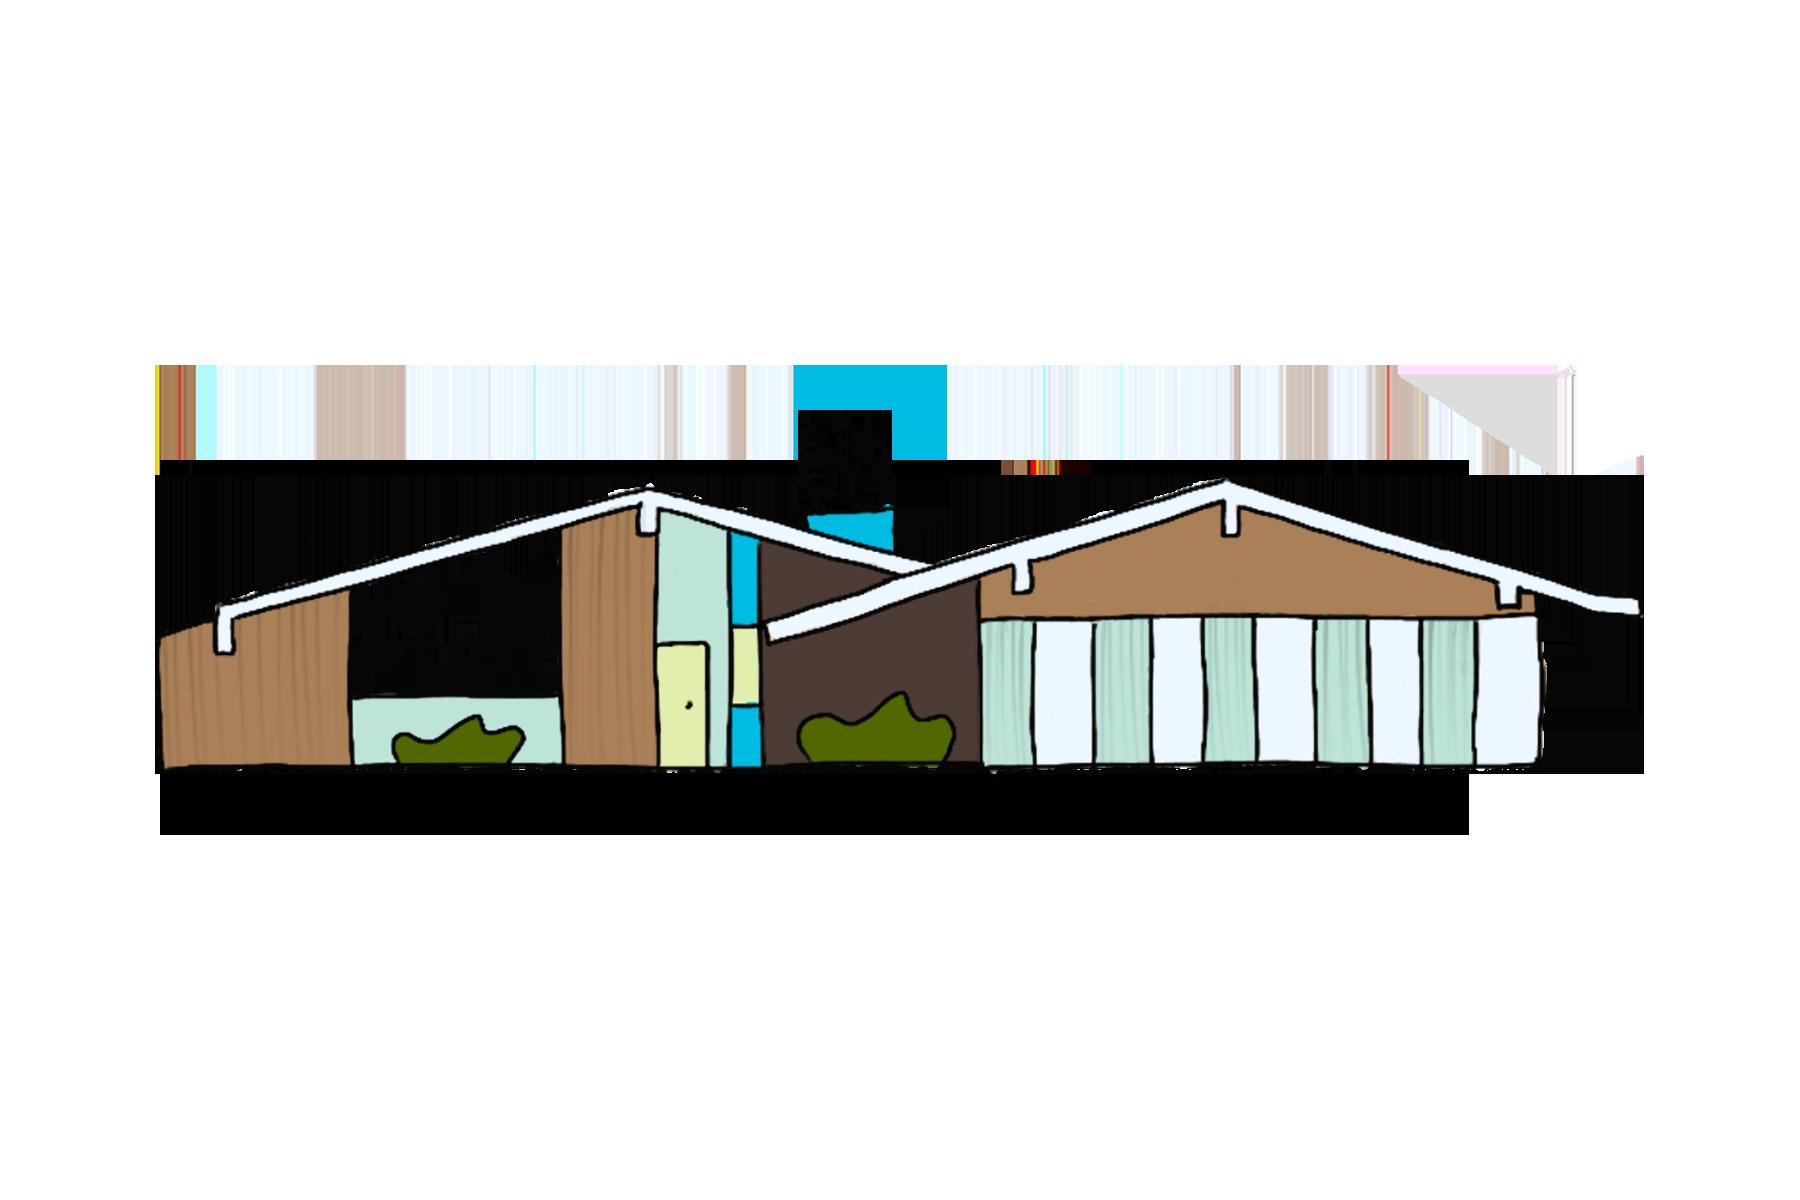 House+Illustration.jpg